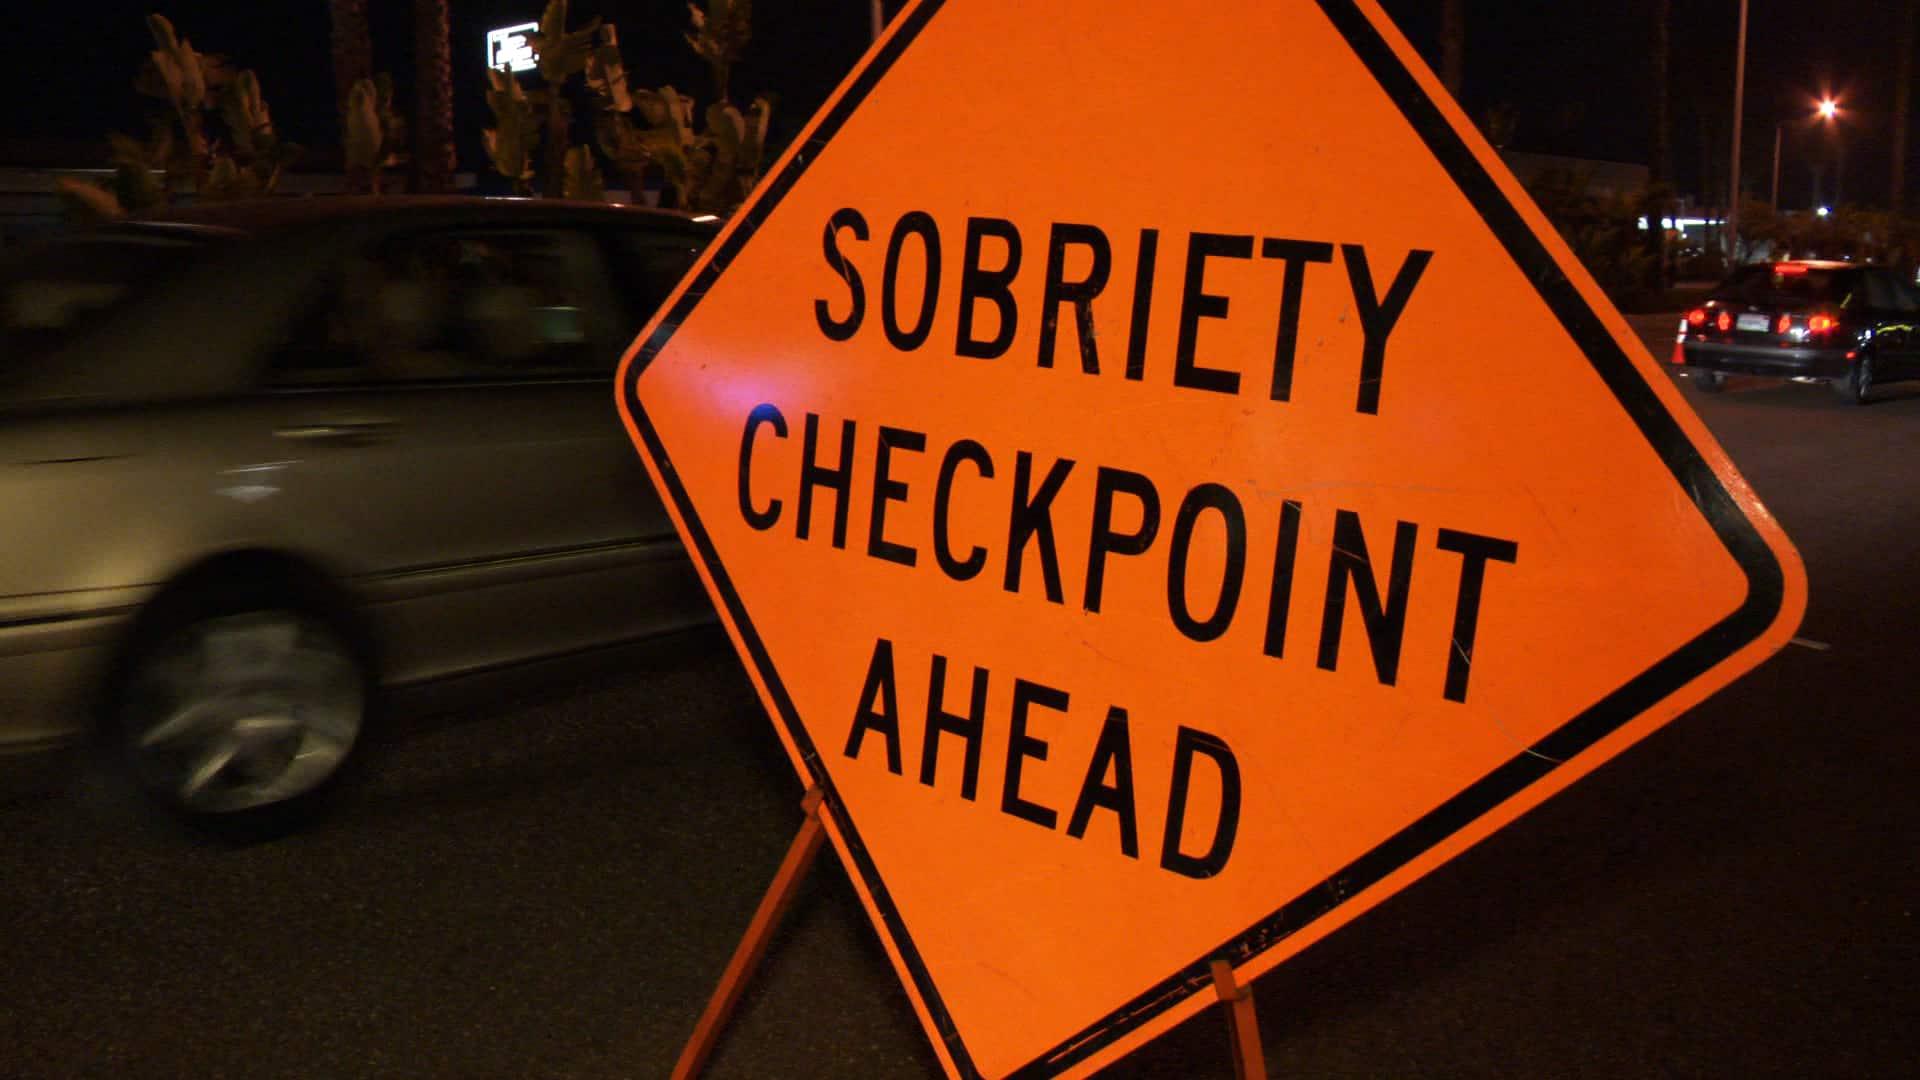 CA, California, DUI, Interlock, rehab, checkpoint, attorney, Non-Owner, Non-Driver, No Car